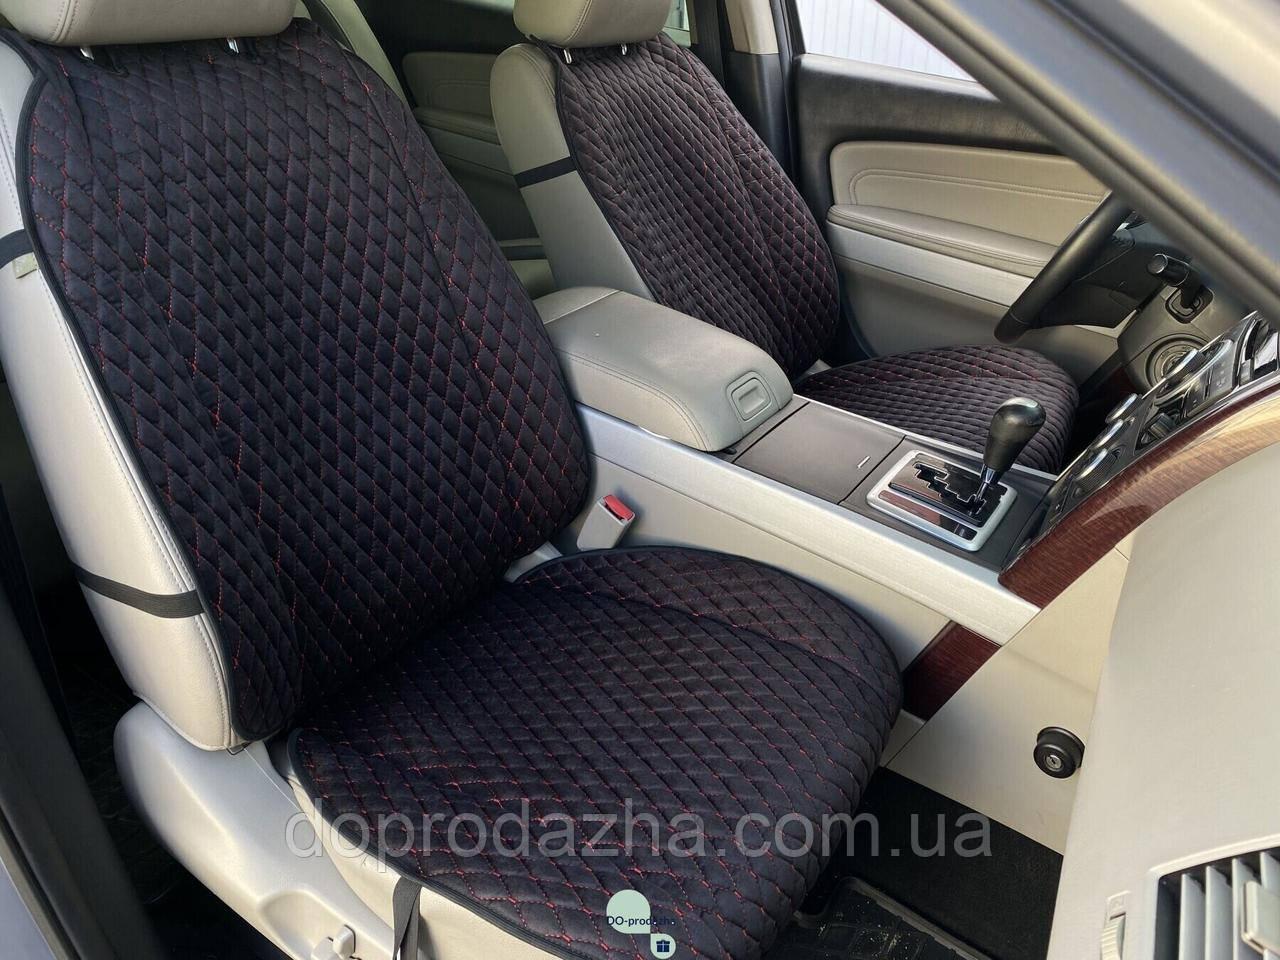 Накидки на сидіння з алькантари Lux (штучної замші), Чорний, червоний ромб. Преміум +. 1 передня